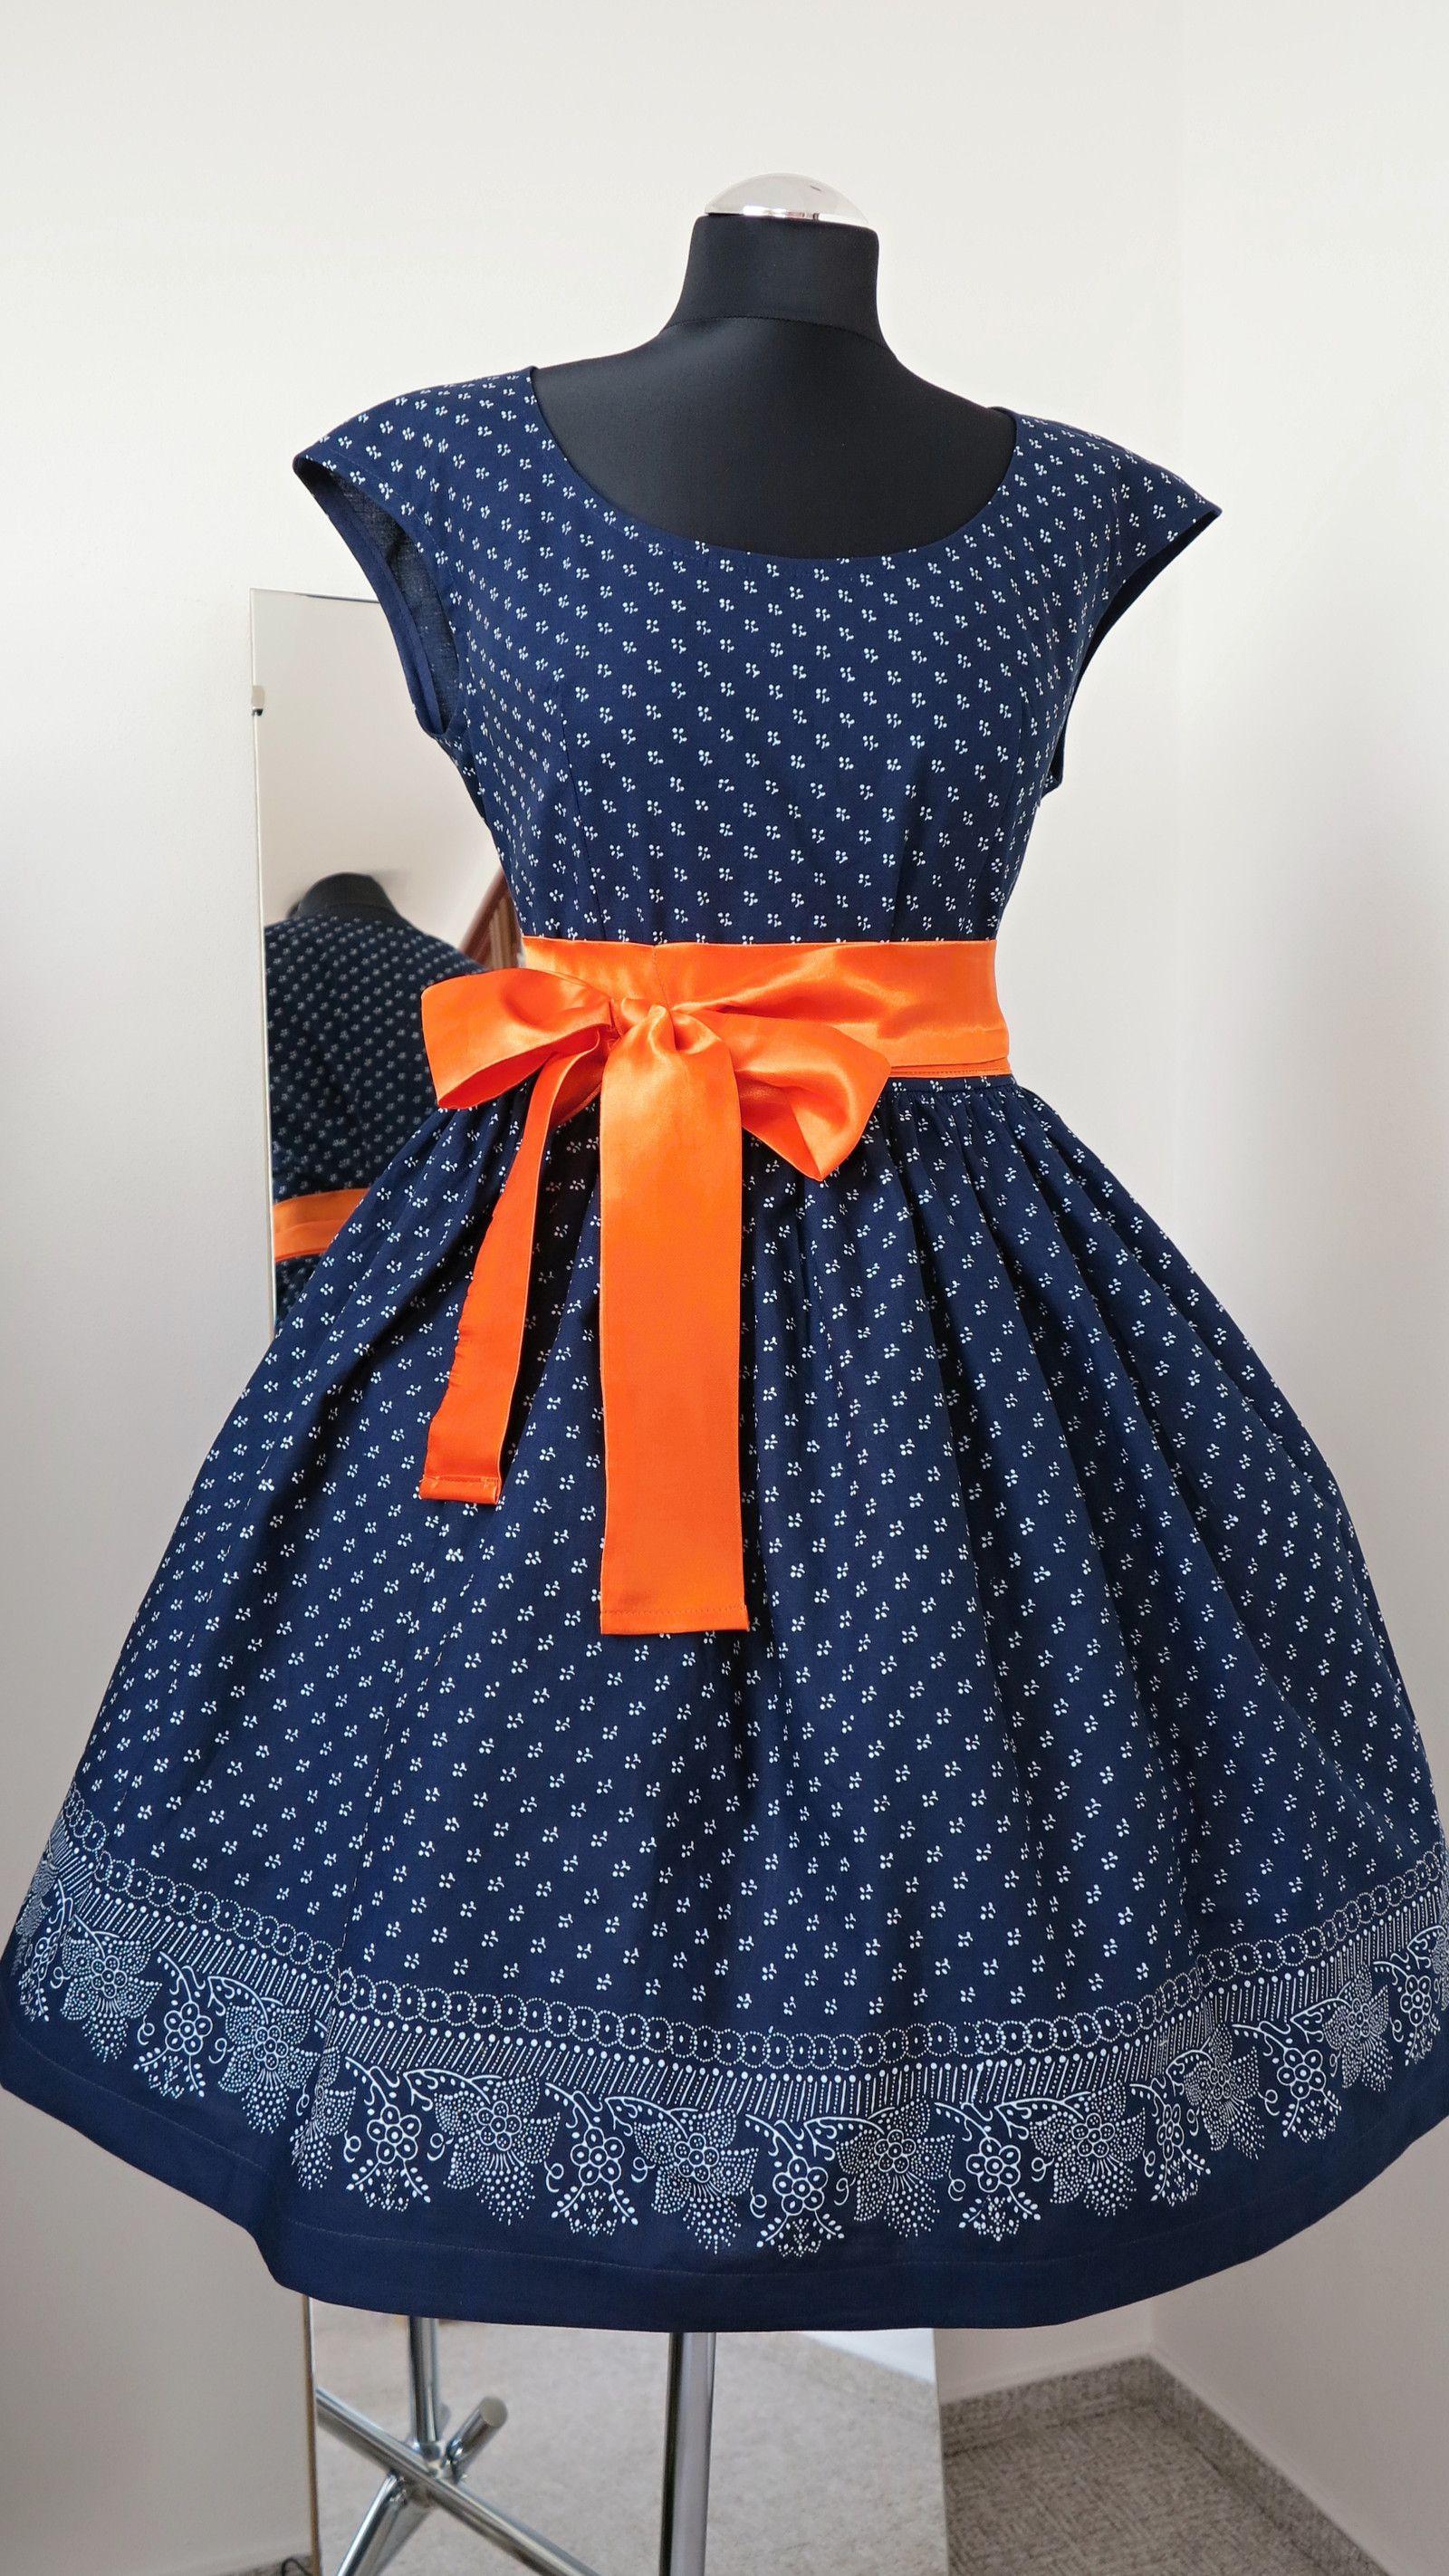 494498f2d šaty +modrotiskové,+řasená+sukně,+bordura+ušila+jsem+další+z+variant+modrotiskových+ šatů+tentokrát+vzor+94+jsou+se+spadenými+rukávky ...